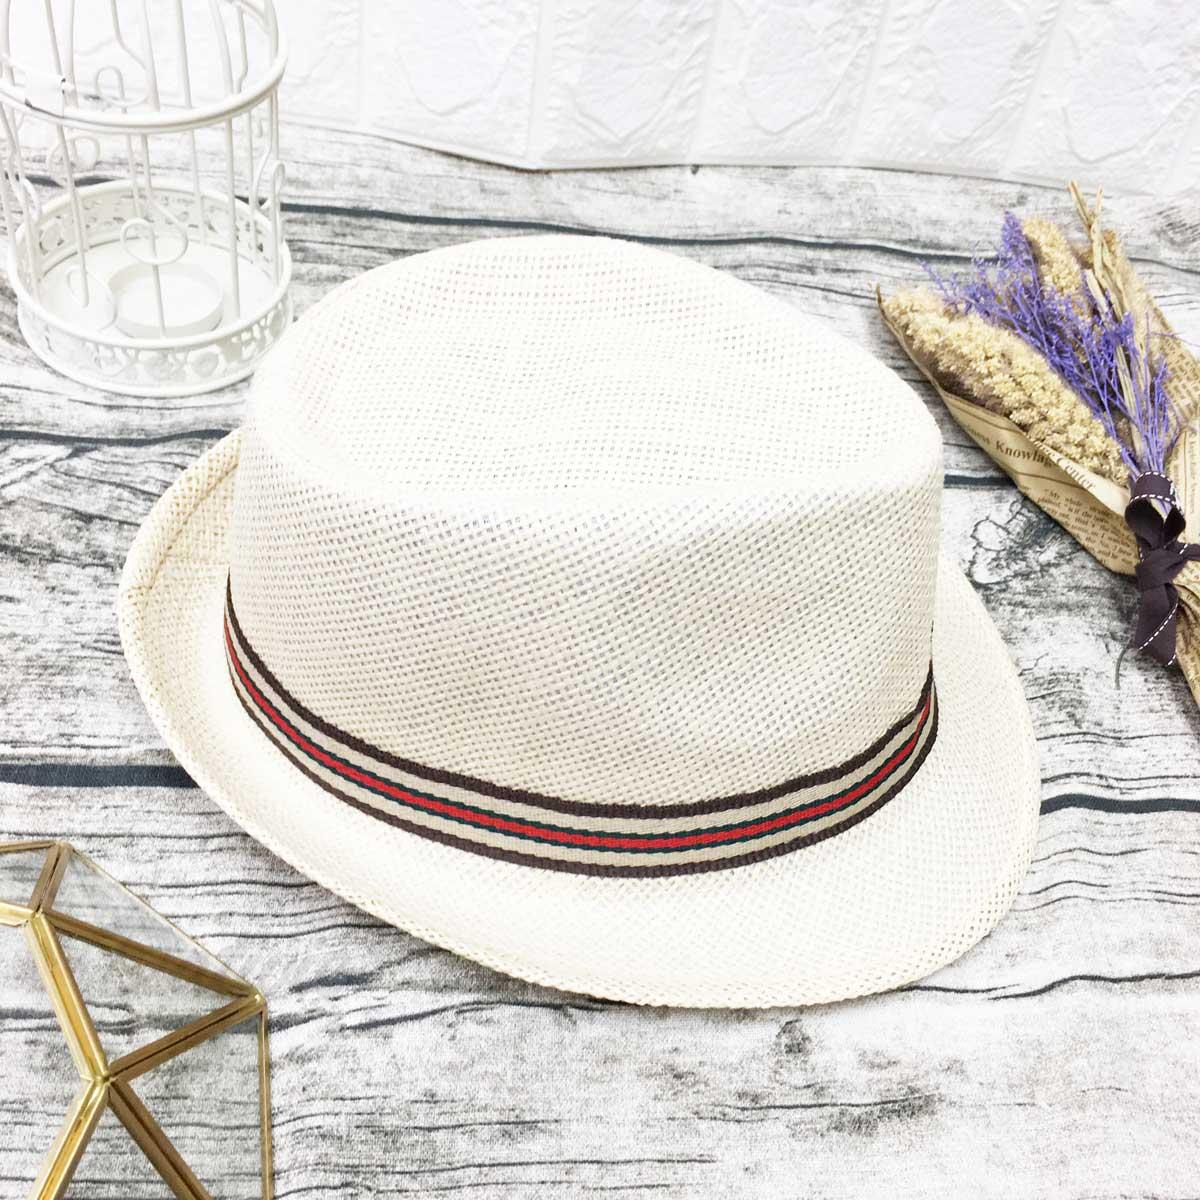 編織紋 紅綠配色 可調式鬆緊 帽子 紳士帽 遮陽帽 草帽